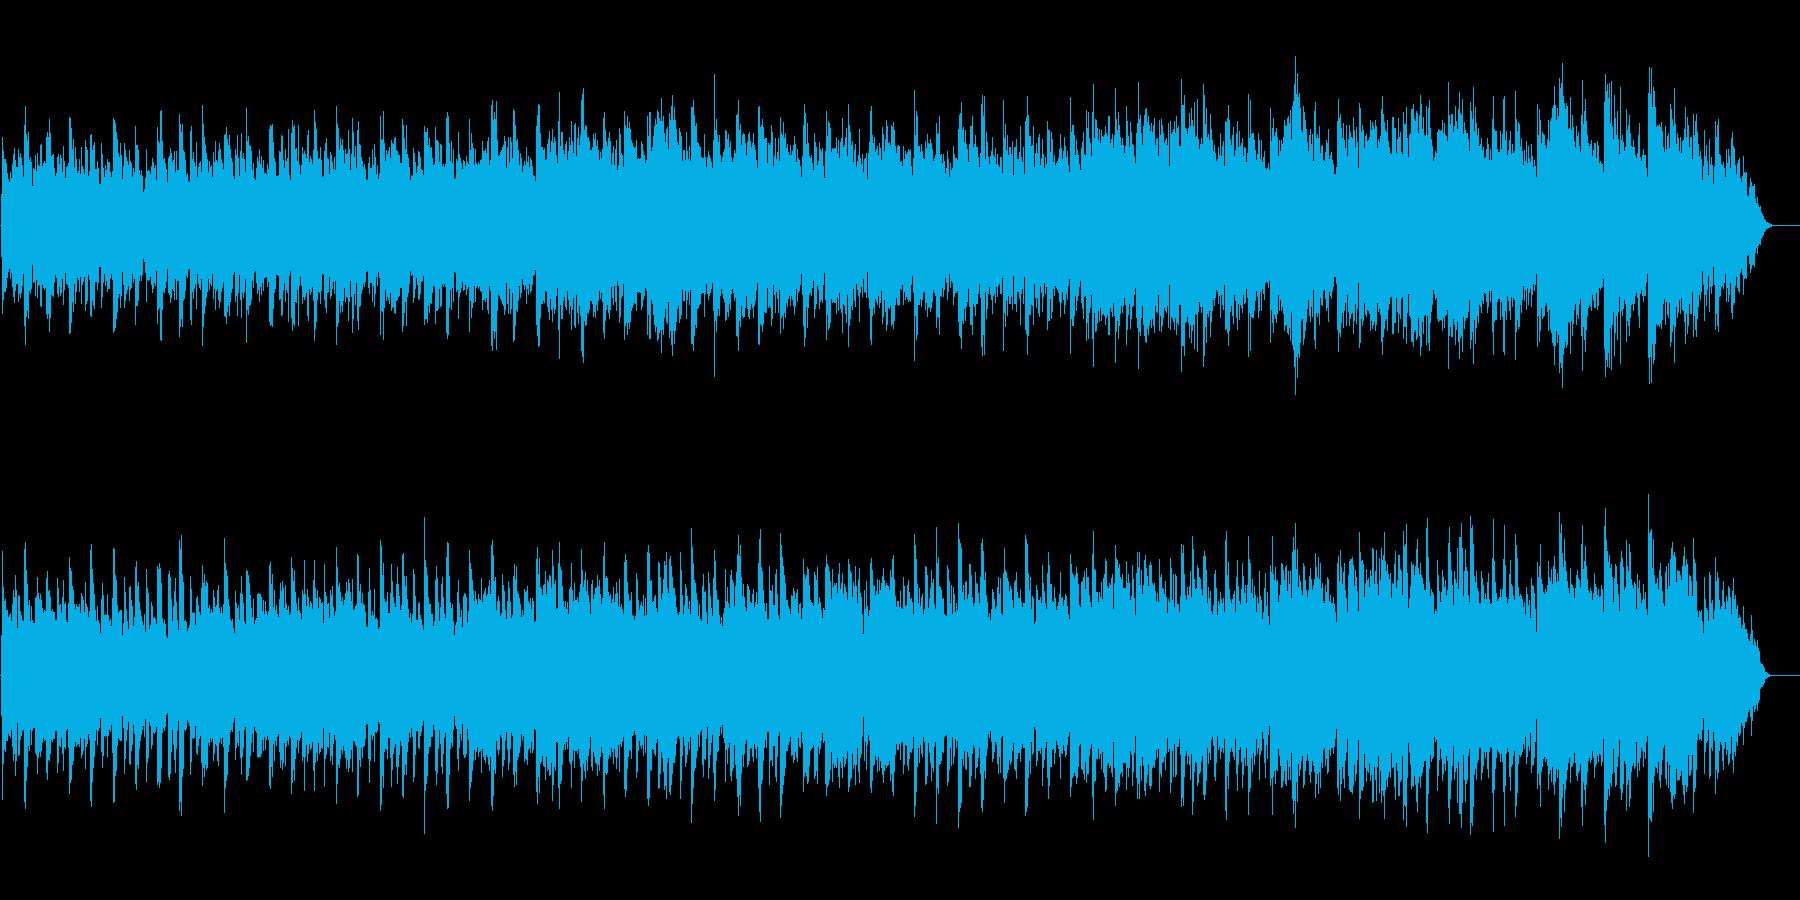 リラクセイション系 睡眠誘発サウンドの再生済みの波形